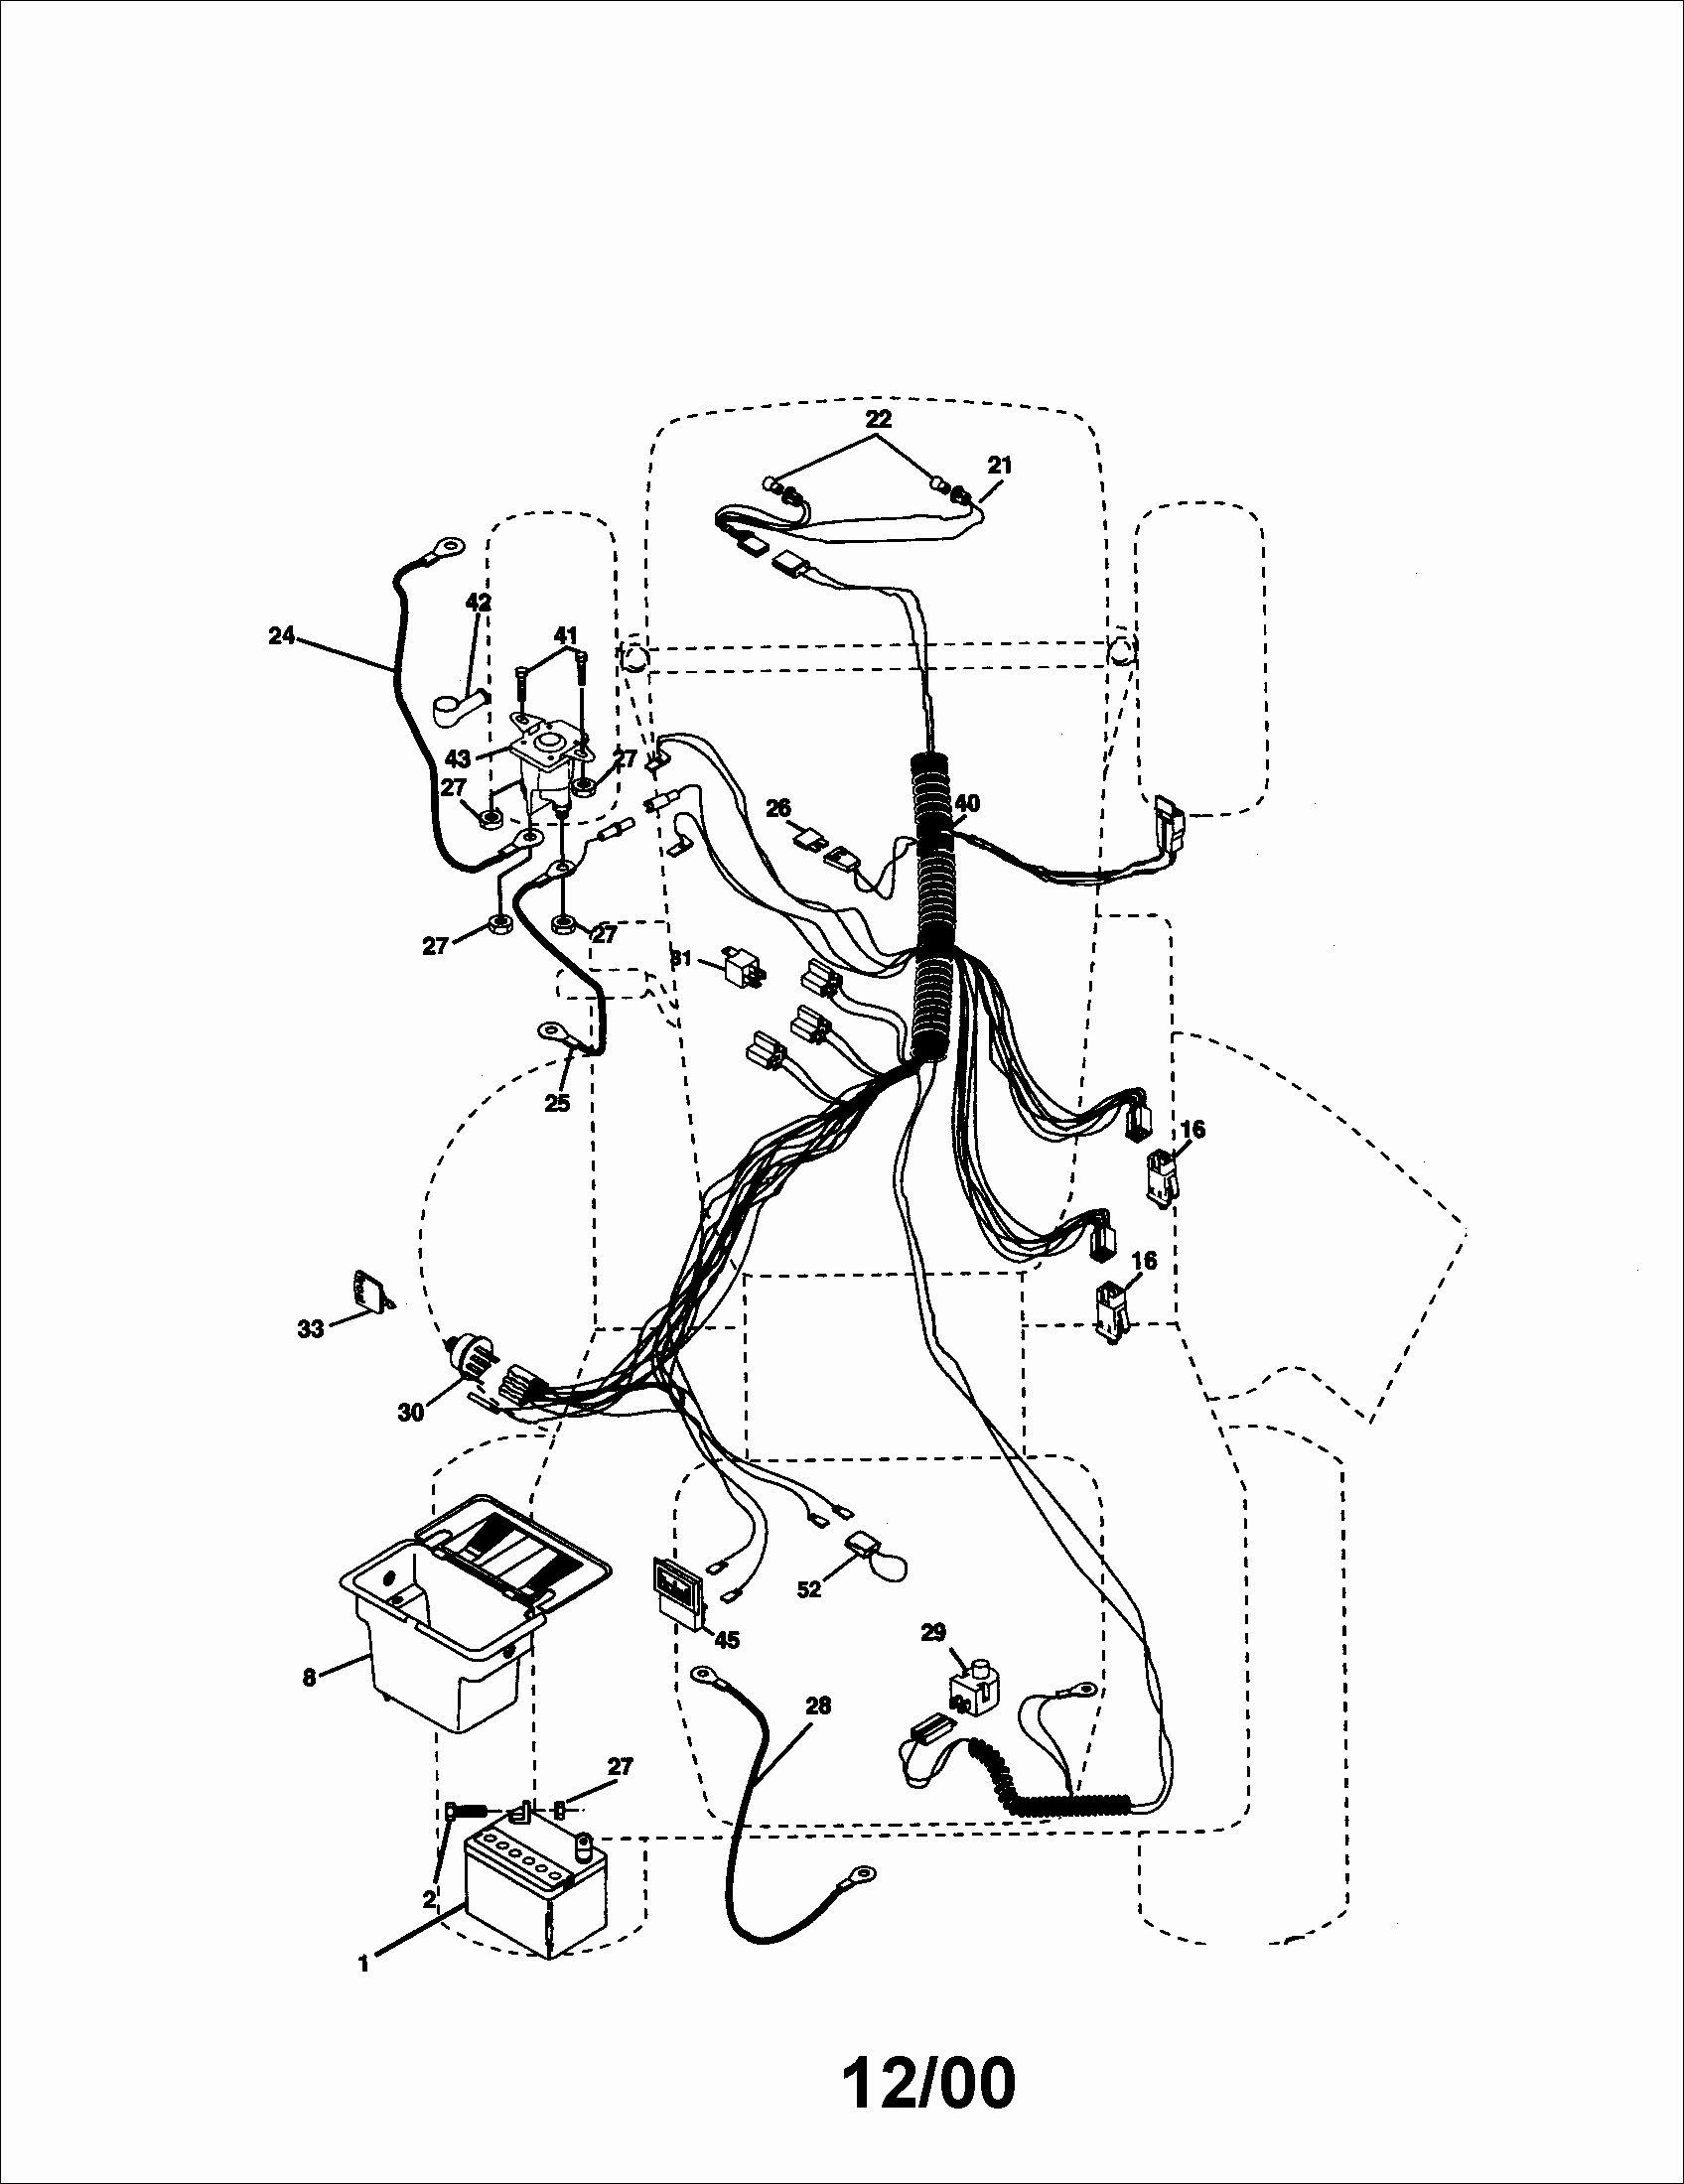 Craftsman Model 917 Wiring Diagram